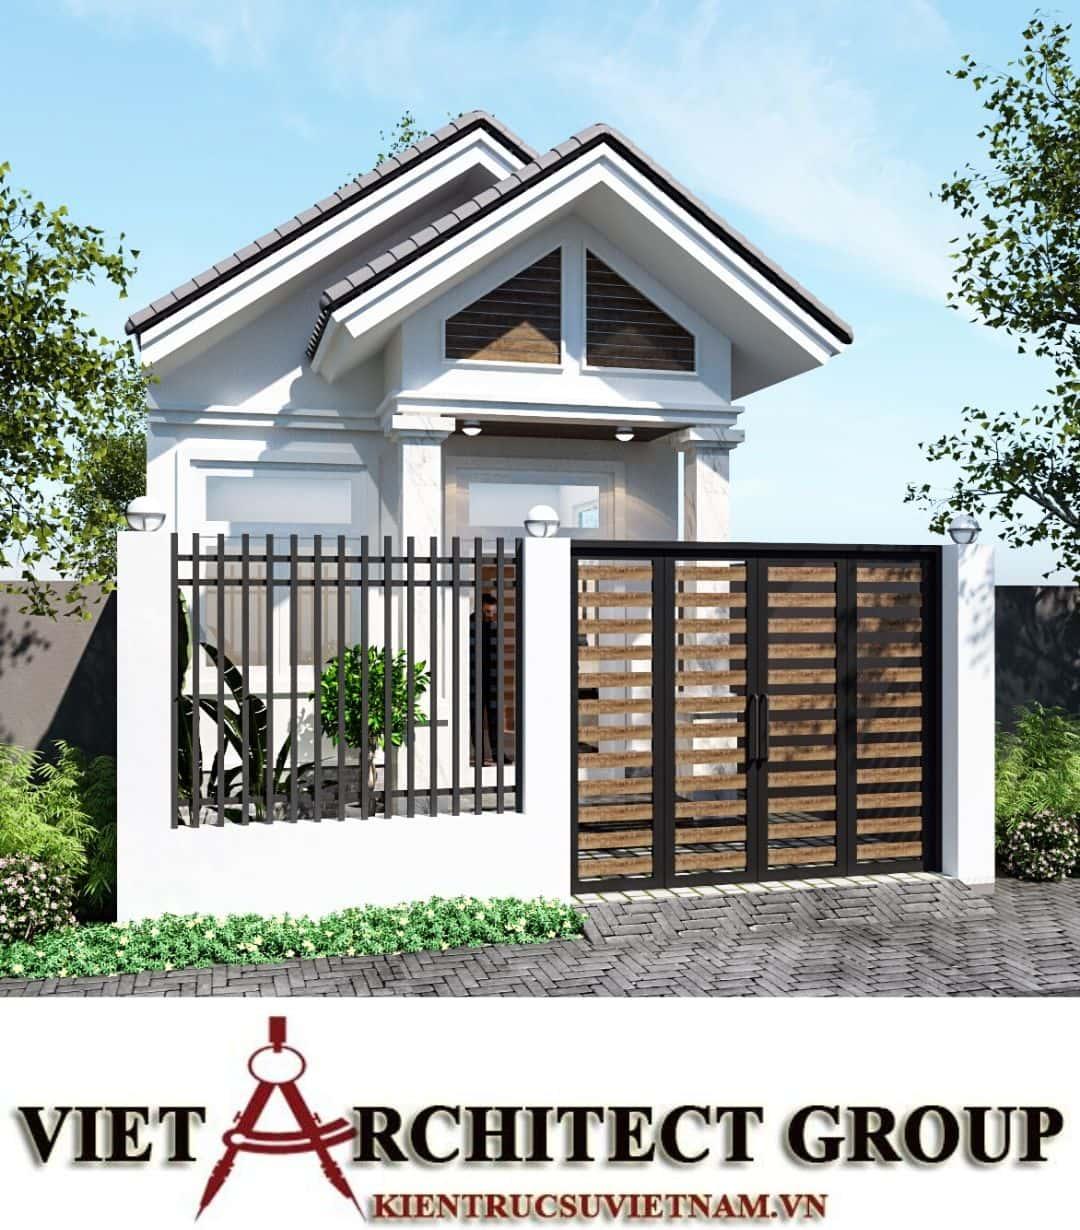 1 60 - Công trình nhà ở trệt mái thái diện tích 120m2 Mr Thi - Thủ Đức, TPHCM